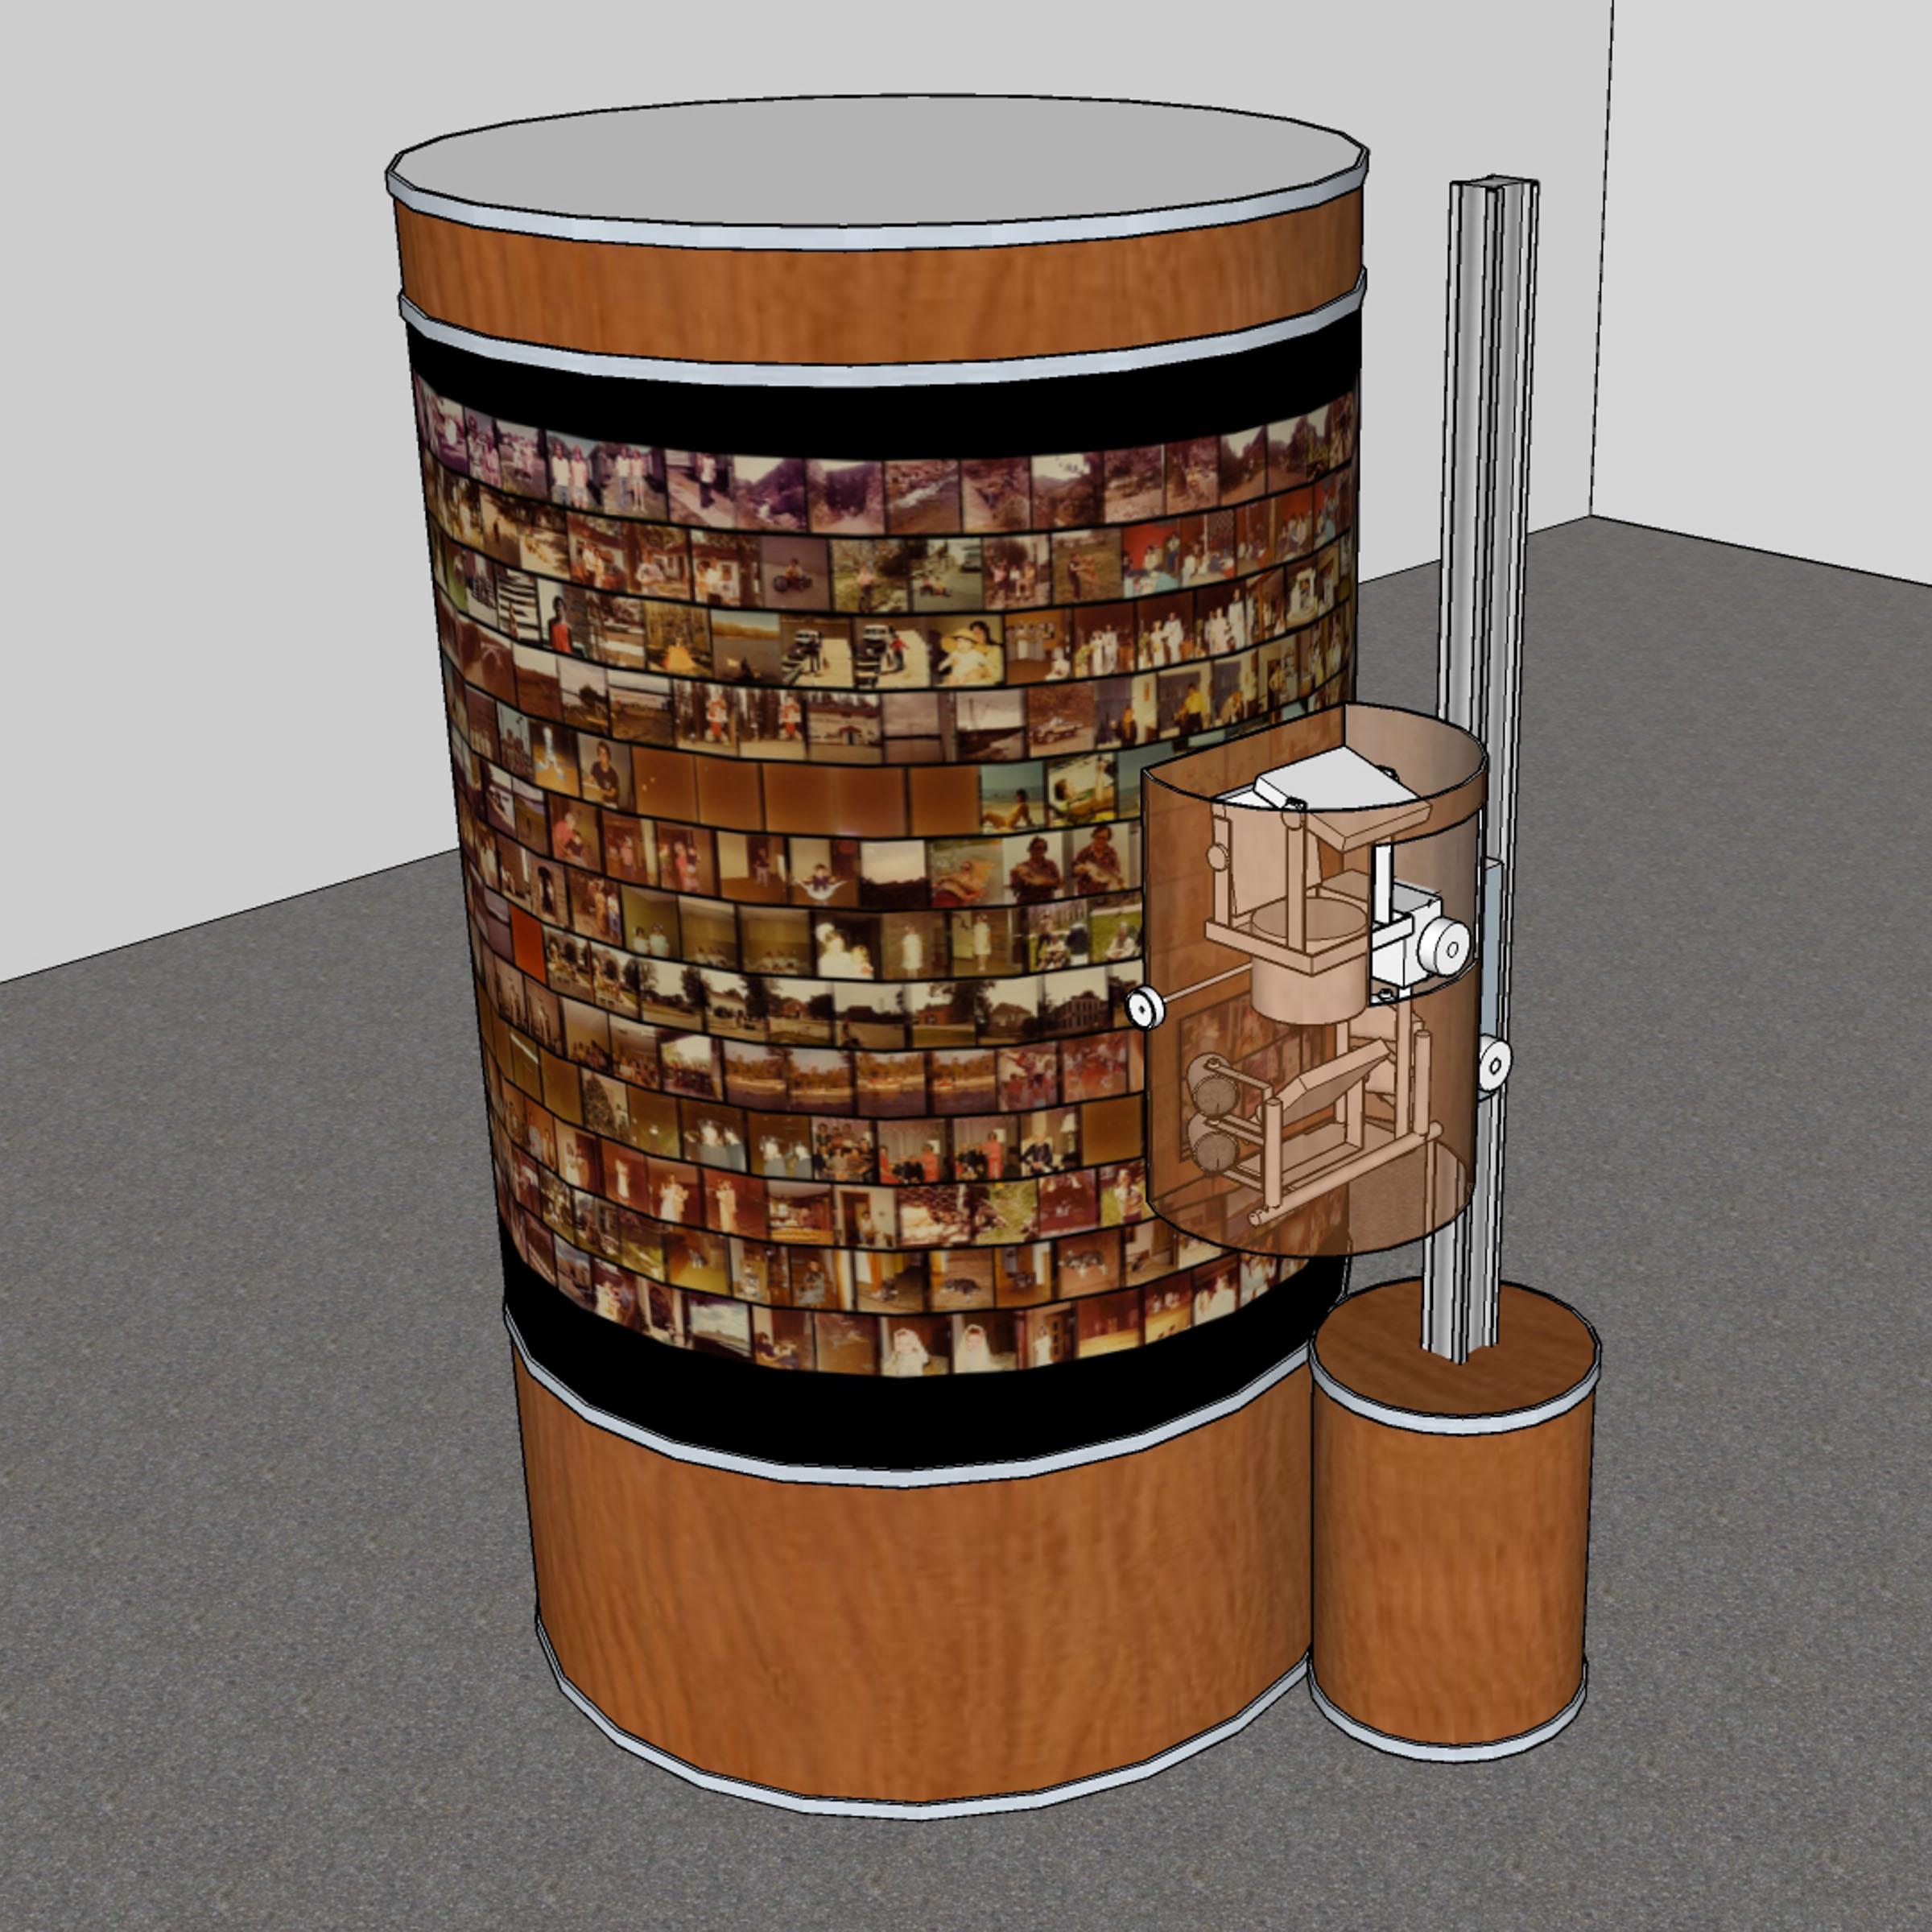 05-Squares-projector-3D-model2_1.jpg